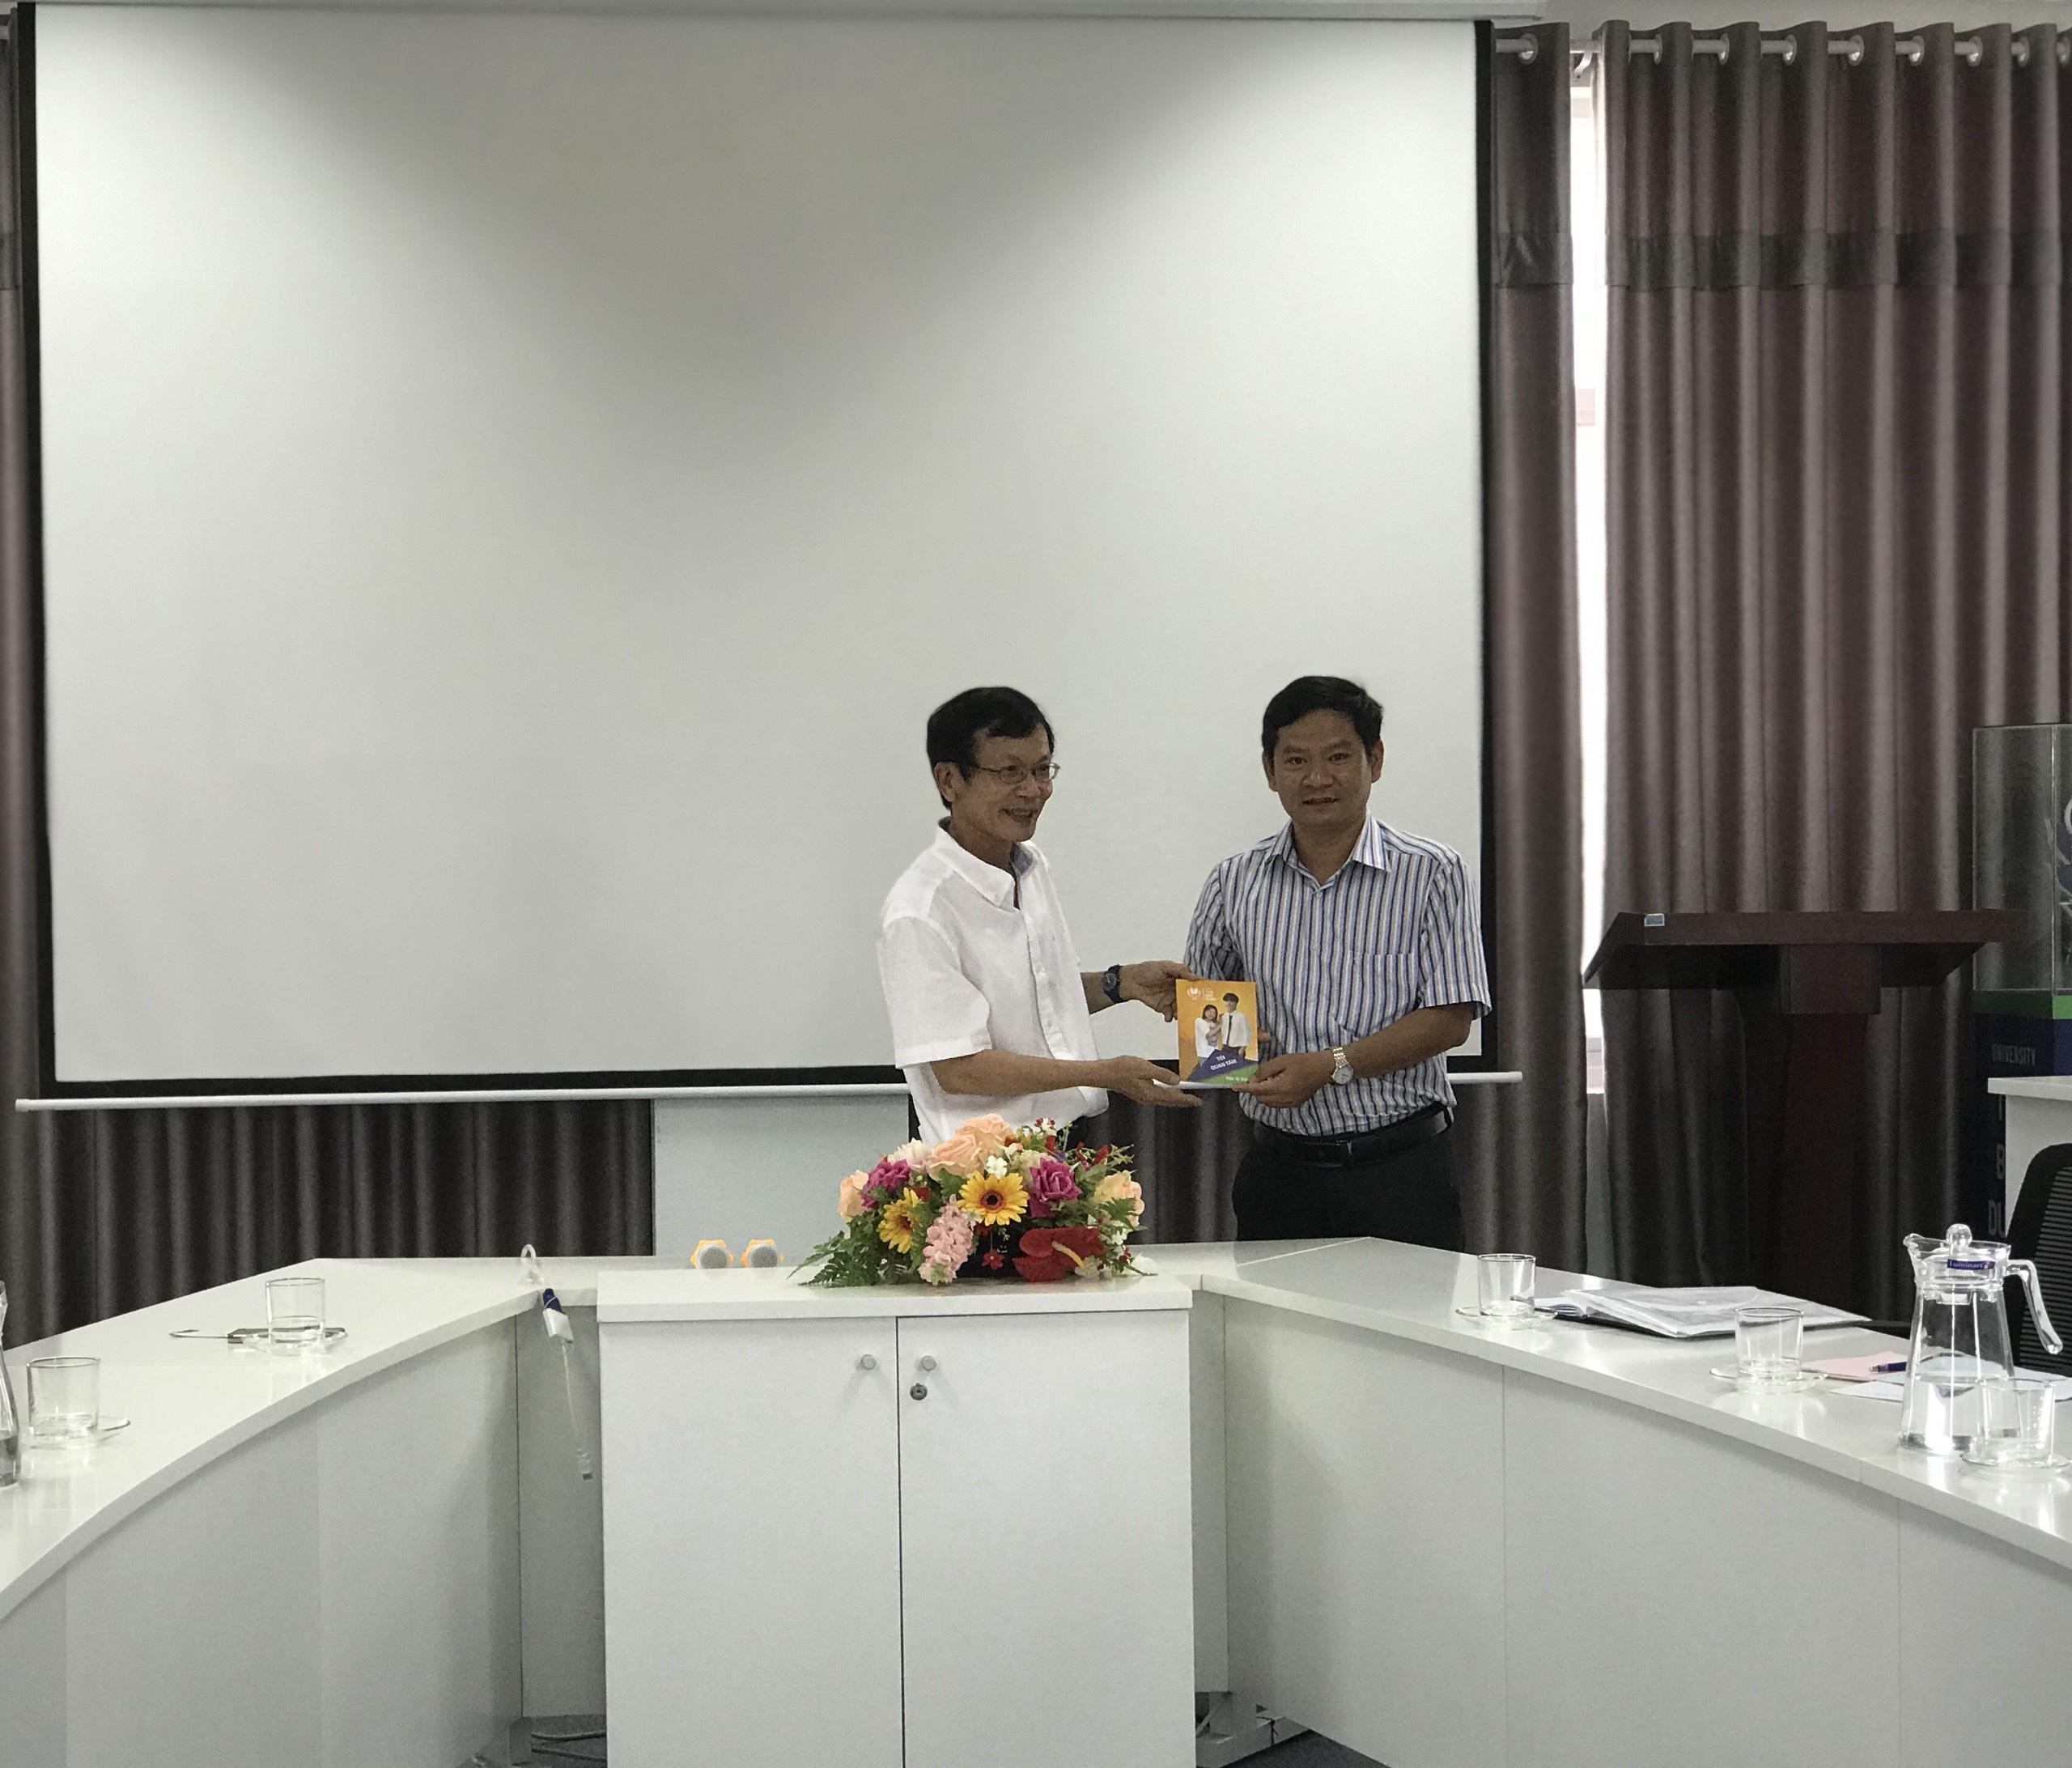 Trung tâm Giáo dục thường xuyên Phú Yên làm việc về hợp tác đào tạo tại Đại học Thái Bình Dương